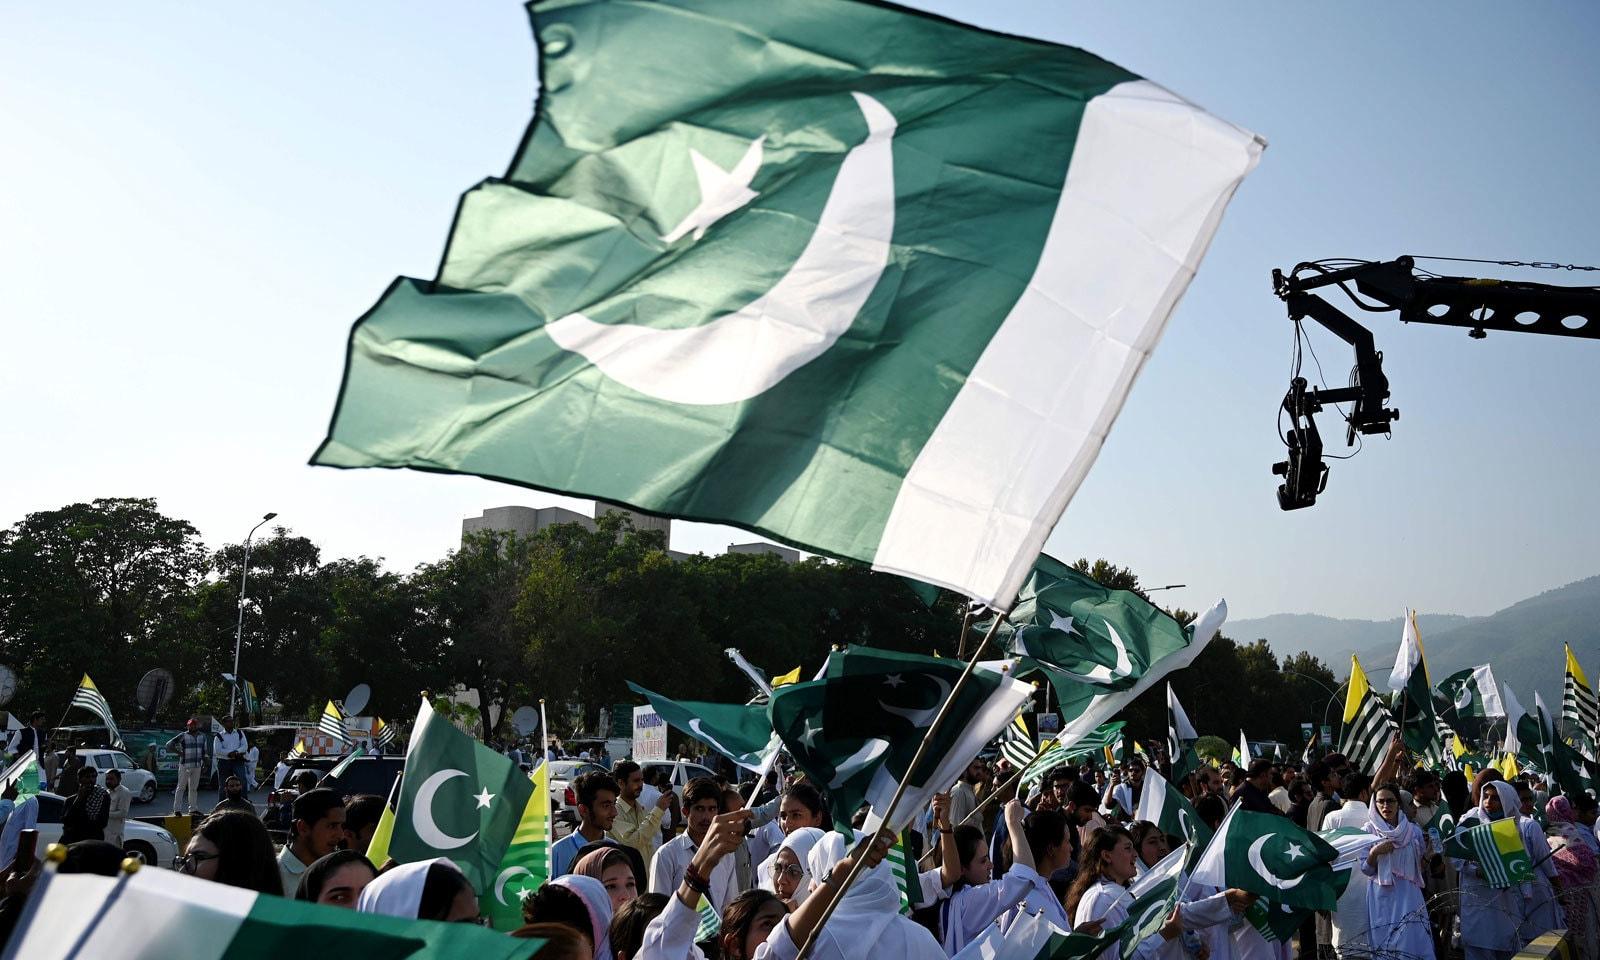 مقبوضہ کشمیر کے عوام سے اظہار یکجہتی کیلئے اسلام آباد میں بنائی گئی انسانی زنجیر میں طلبہ پاکستان اور آزاد کشمیر کے پرچم لہرا رہے  ہیں — فوٹو: اے ایف پی